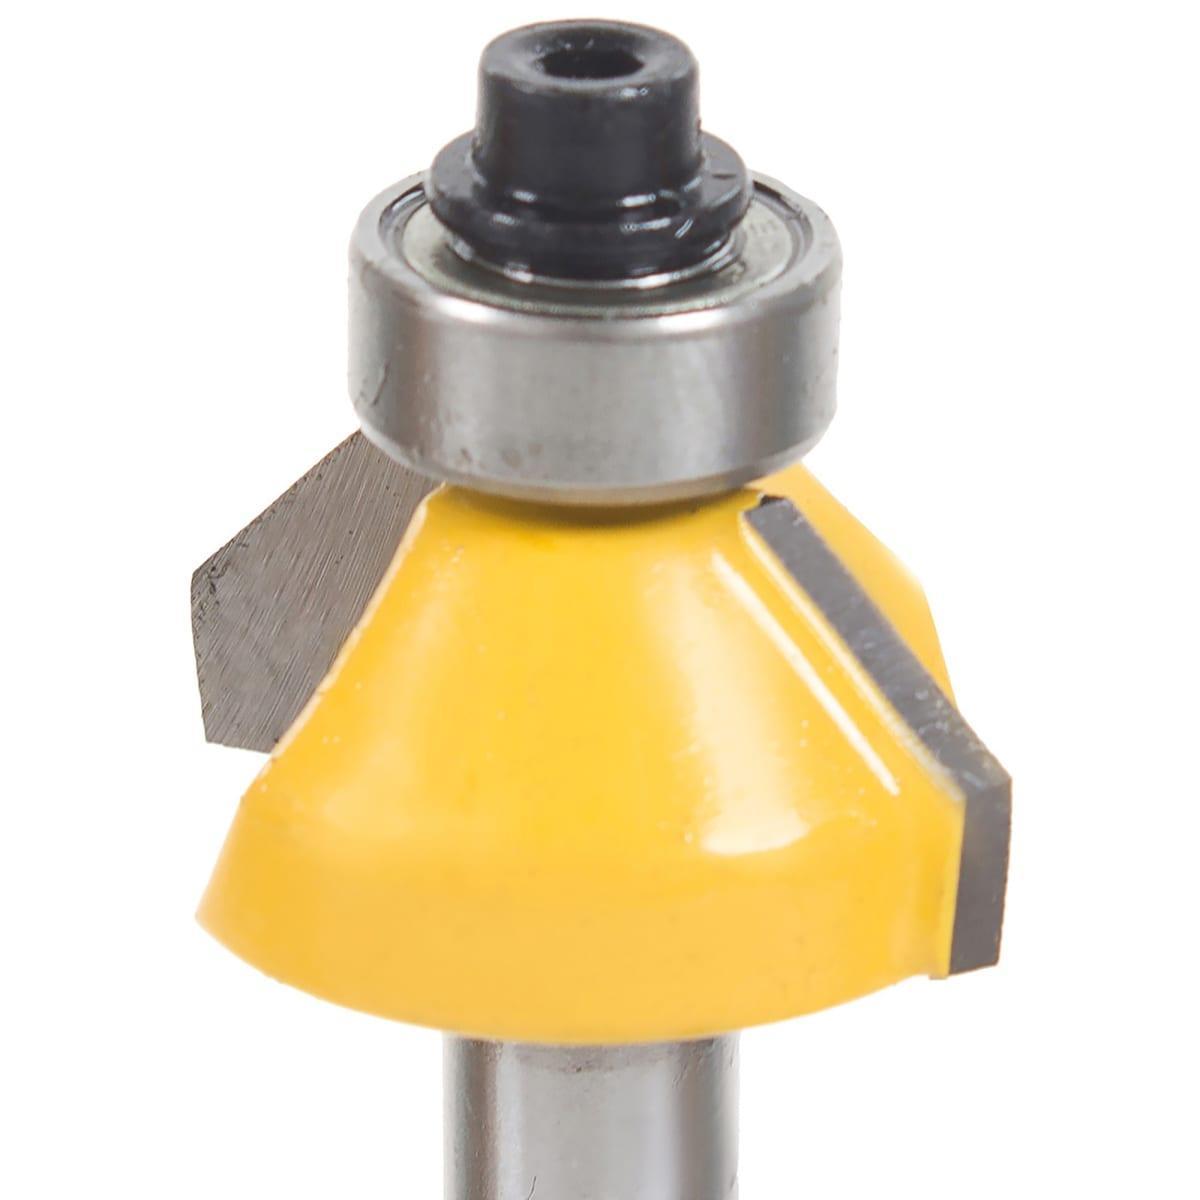 Фреза прямая кромочная конусная с подшипником Глобус D=30,l=12.5,d=8mm арт.1022 D30